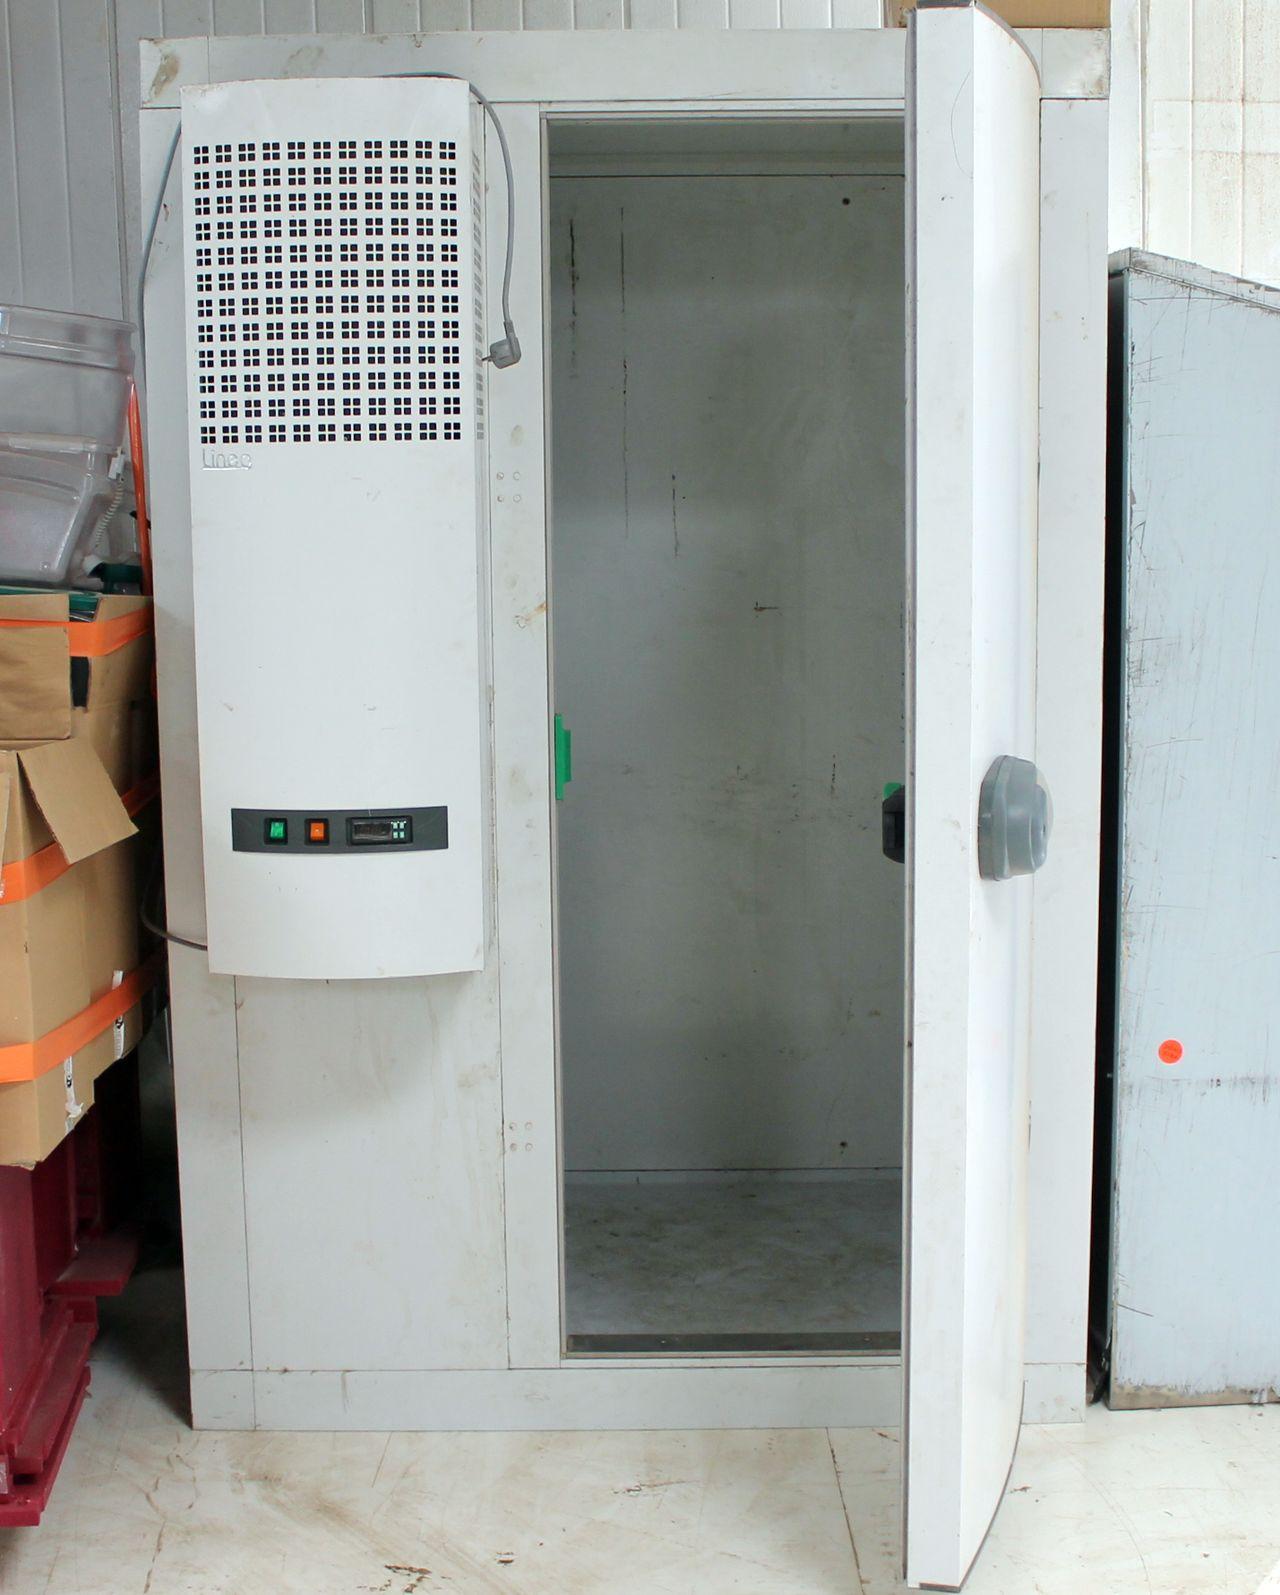 Chambre froide : équipement nécessaire pour une activité agroalimentaire